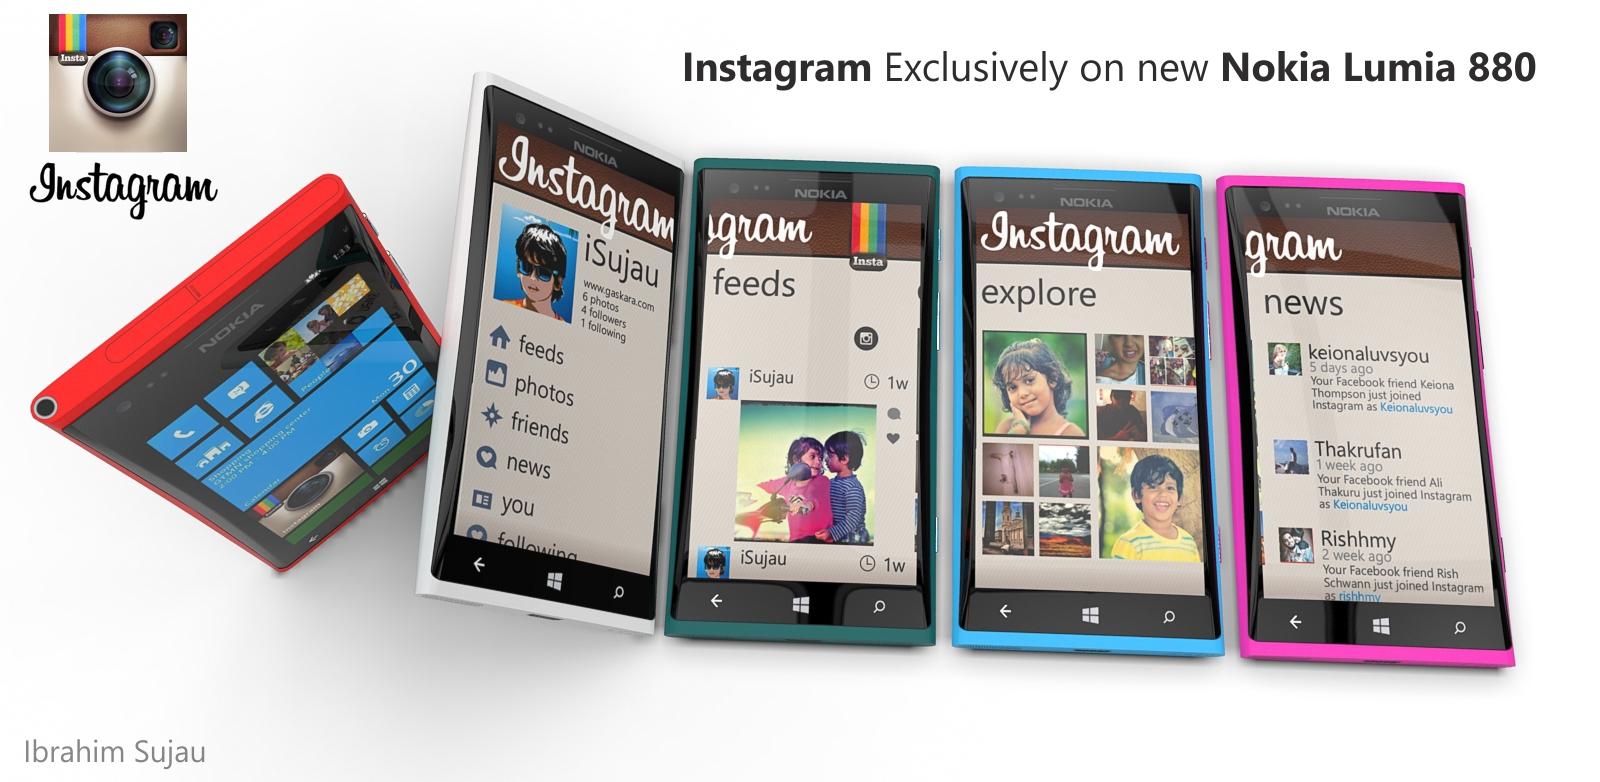 Как скачать Инстаграм на Nokia Windows Phone и установить